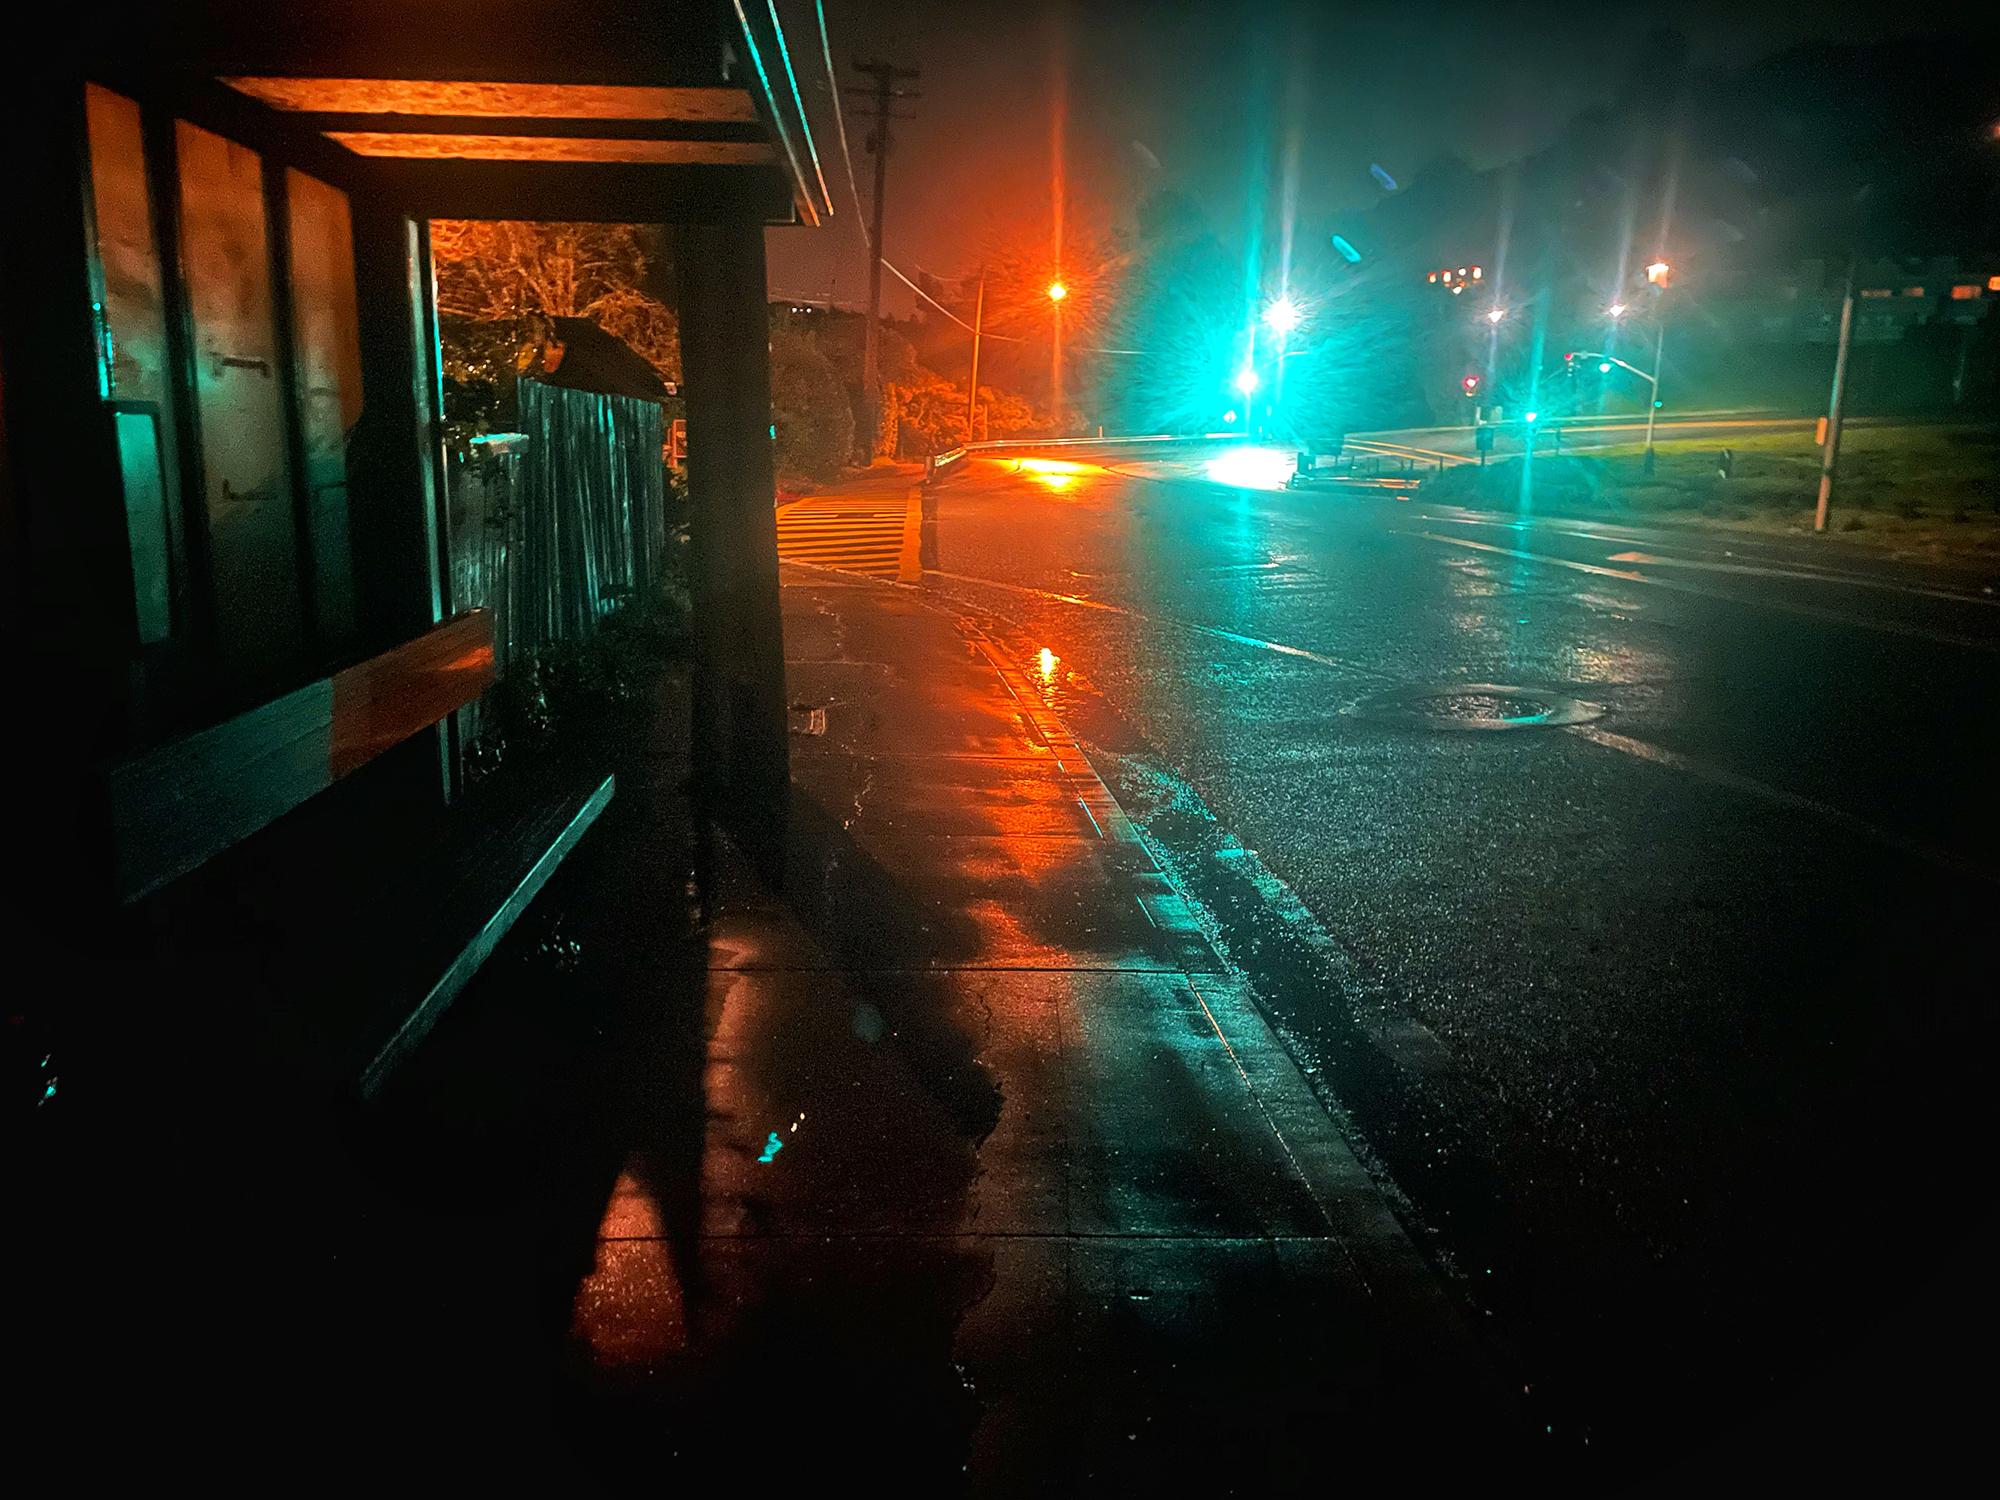 1st. Scott Van Hooser, Night Walk